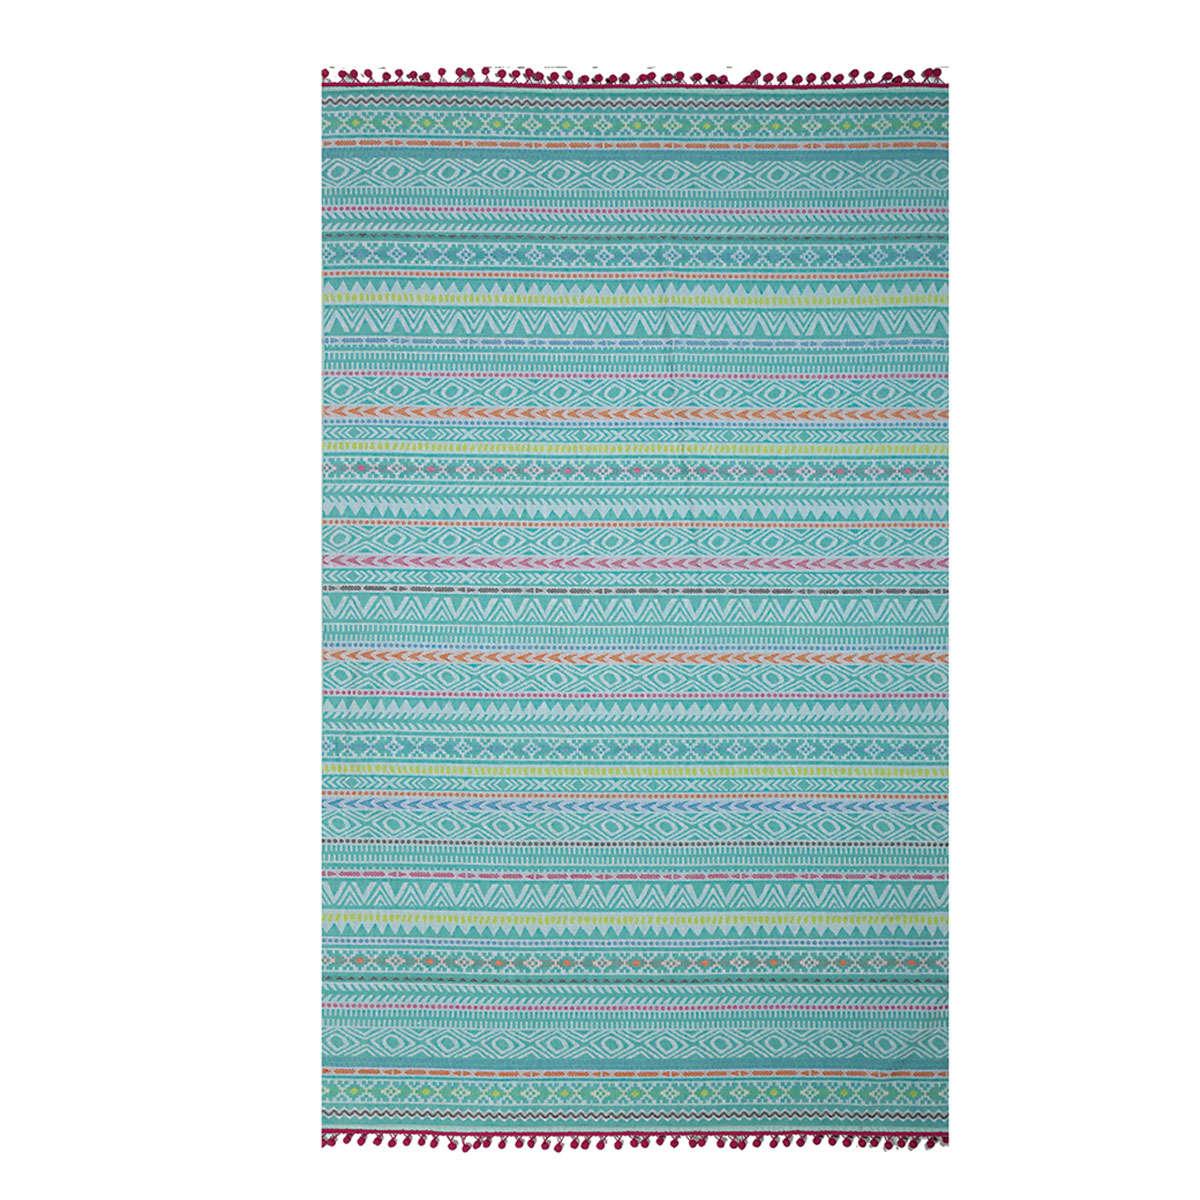 Πετσέτα Θαλάσσης Drawings Turqoise Nef-Nef Θαλάσσης 100x180cm